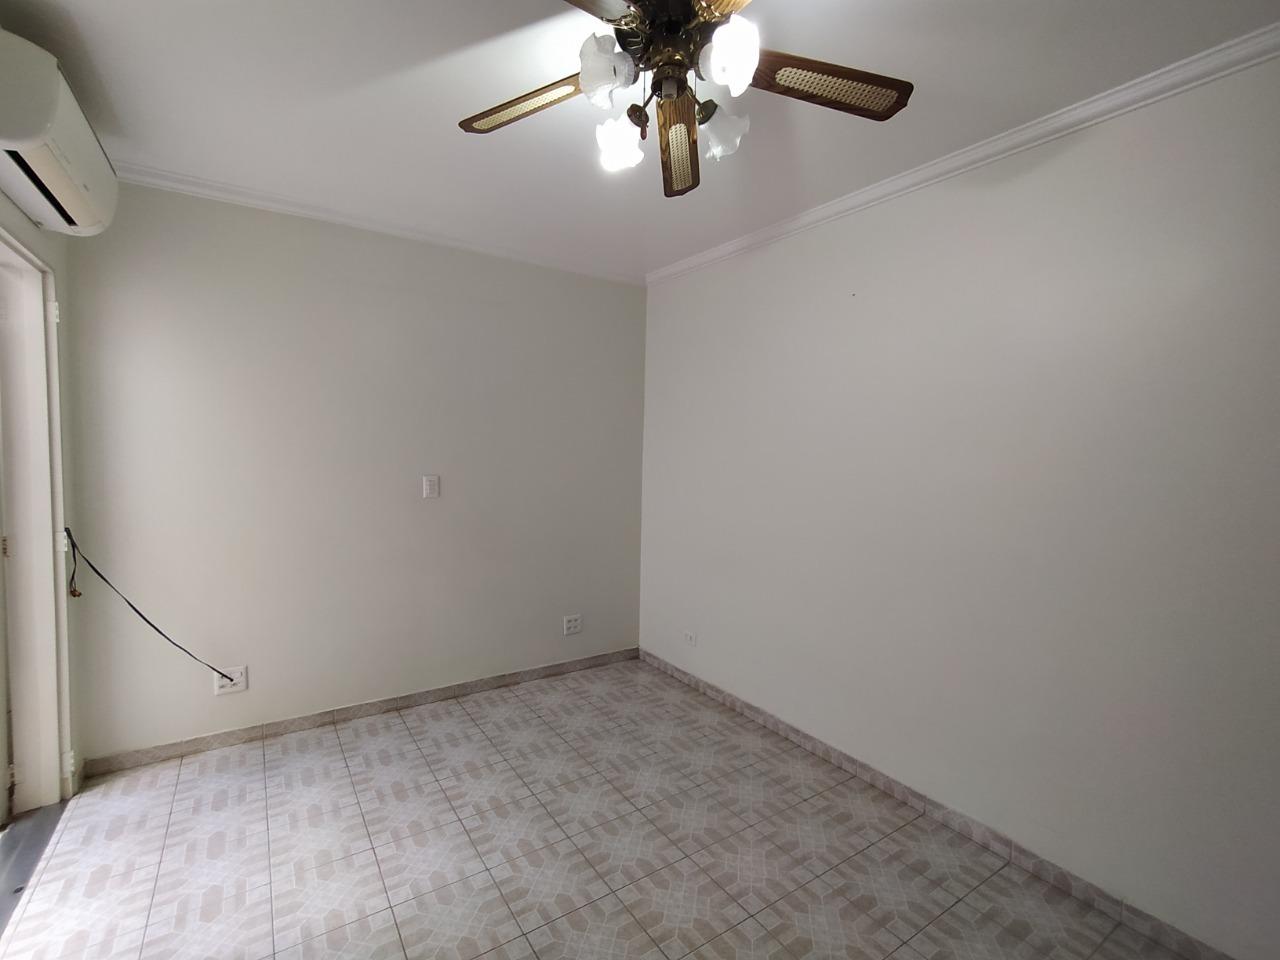 Casa para comprar, 2 quartos, 1 suíte, no bairro Centro em Piracicaba - SP